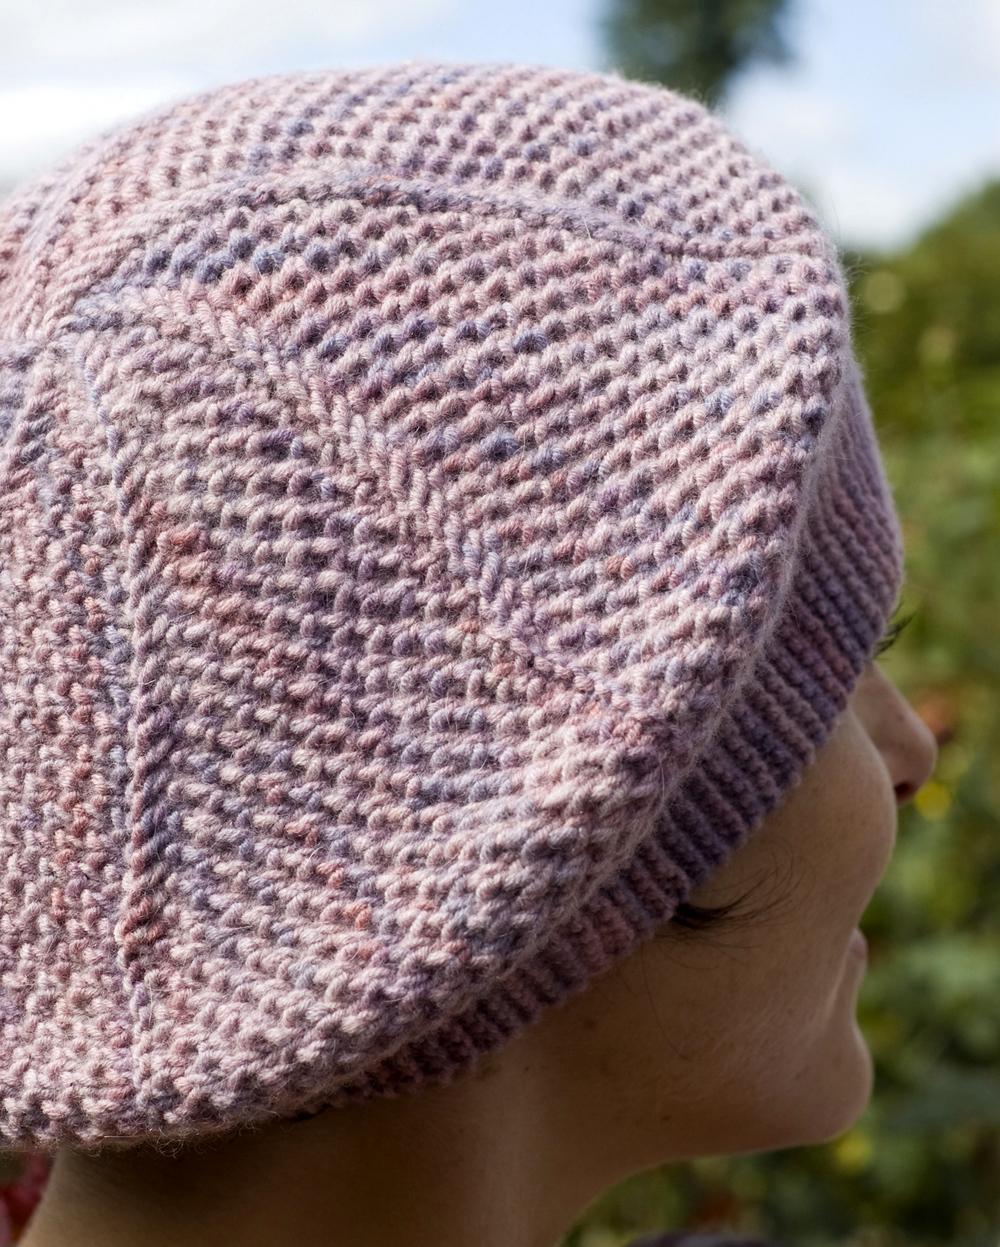 Curlicue sideways knit brioche beret pattern